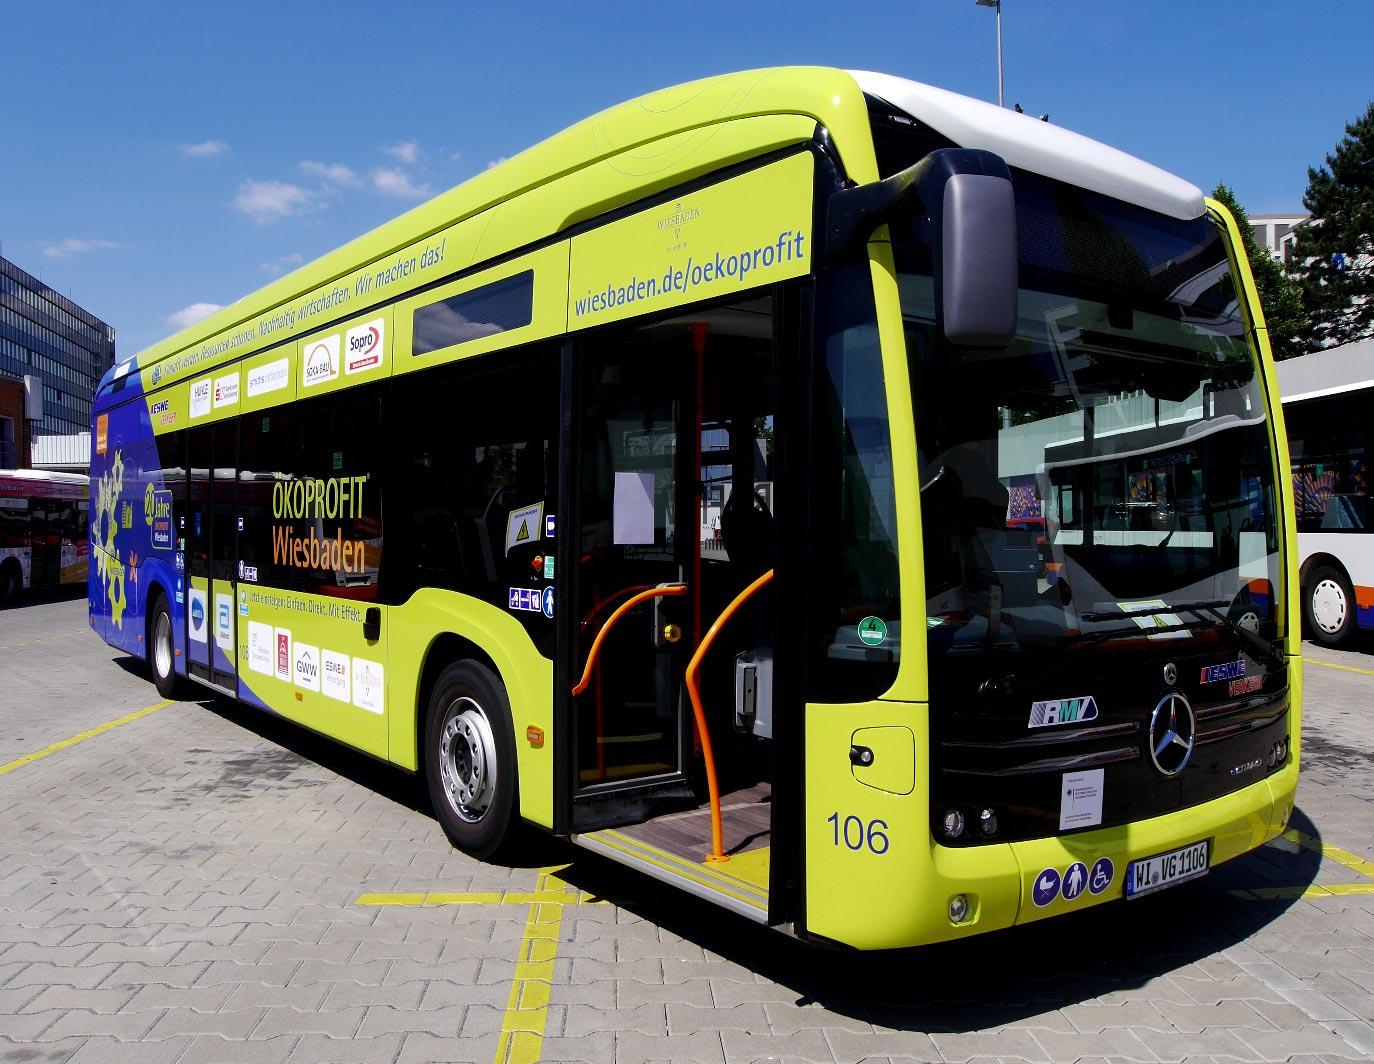 Bus-Gestaltung für ÖKOPROFIT Wiesbaden auf neuem E-Bus